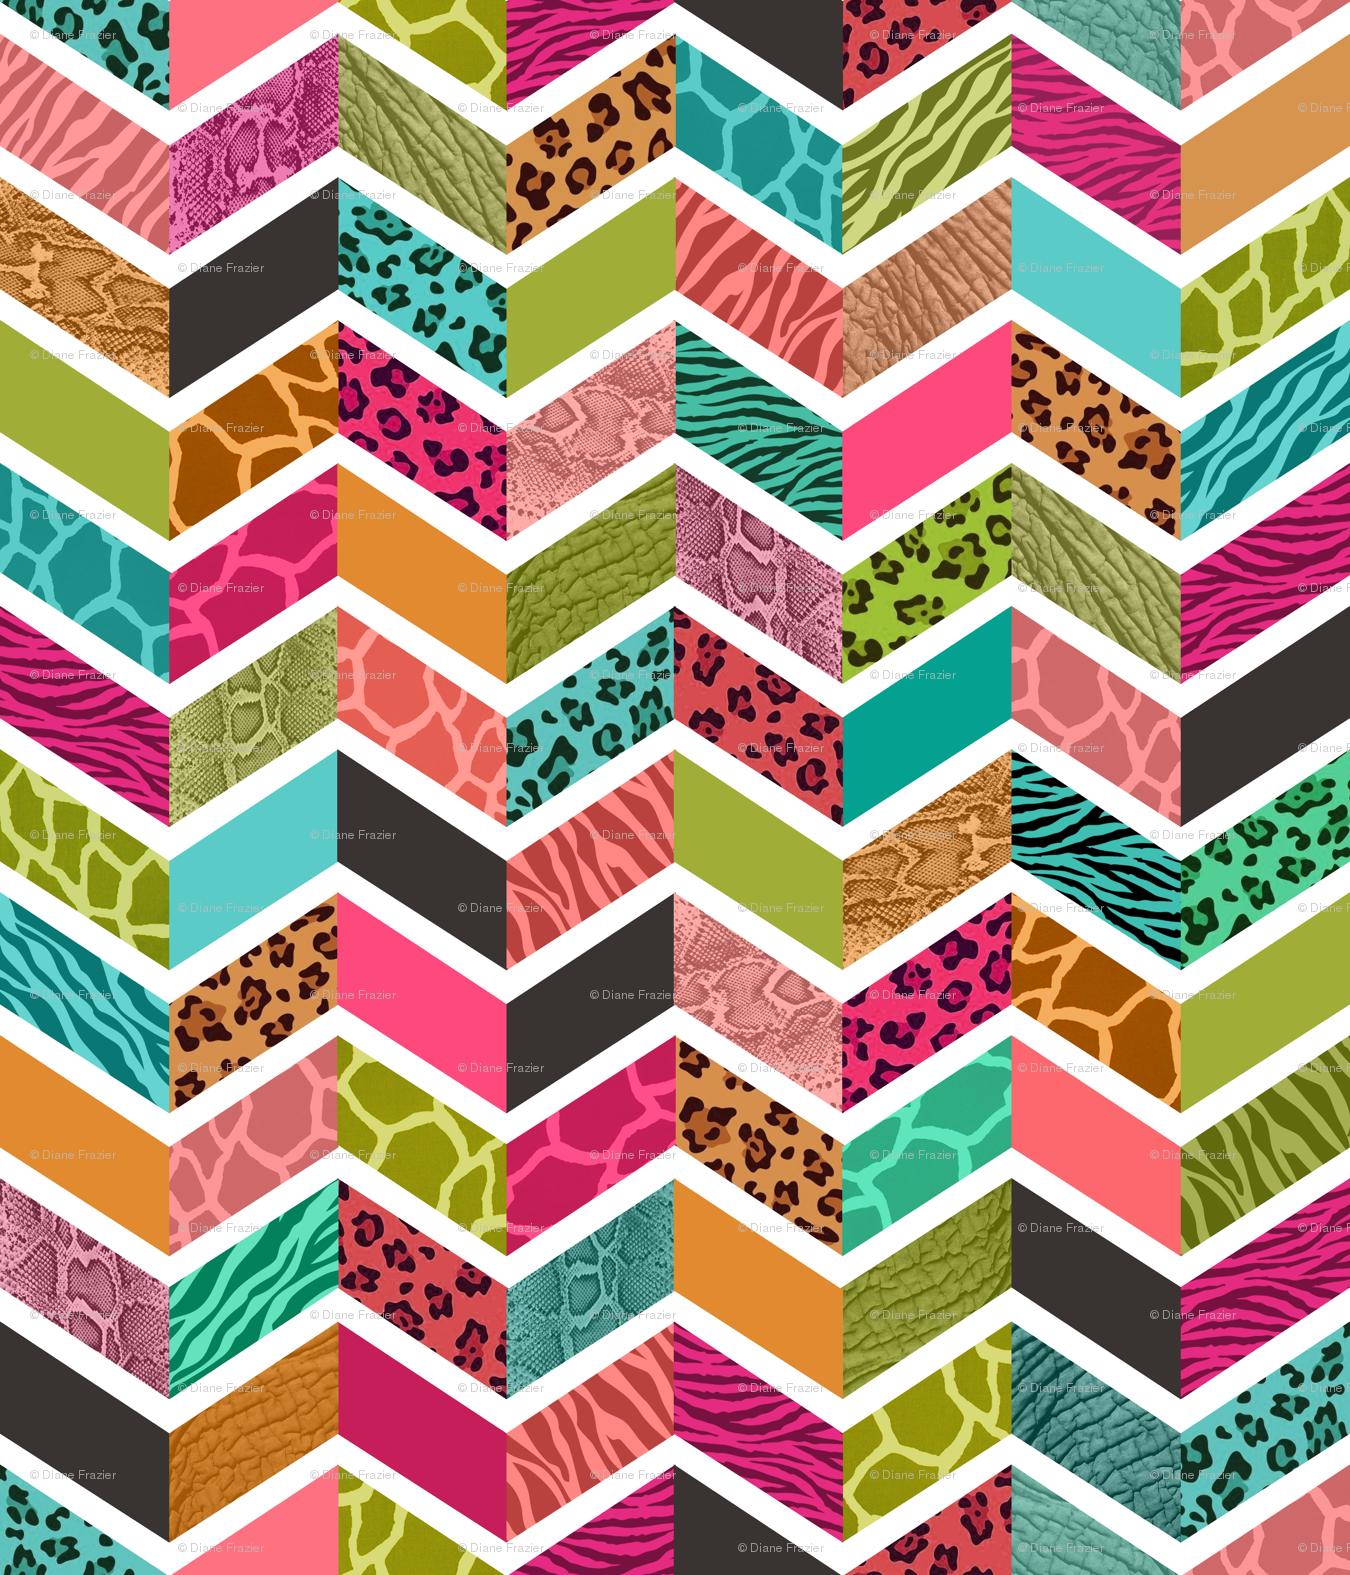 animal print digital paper: